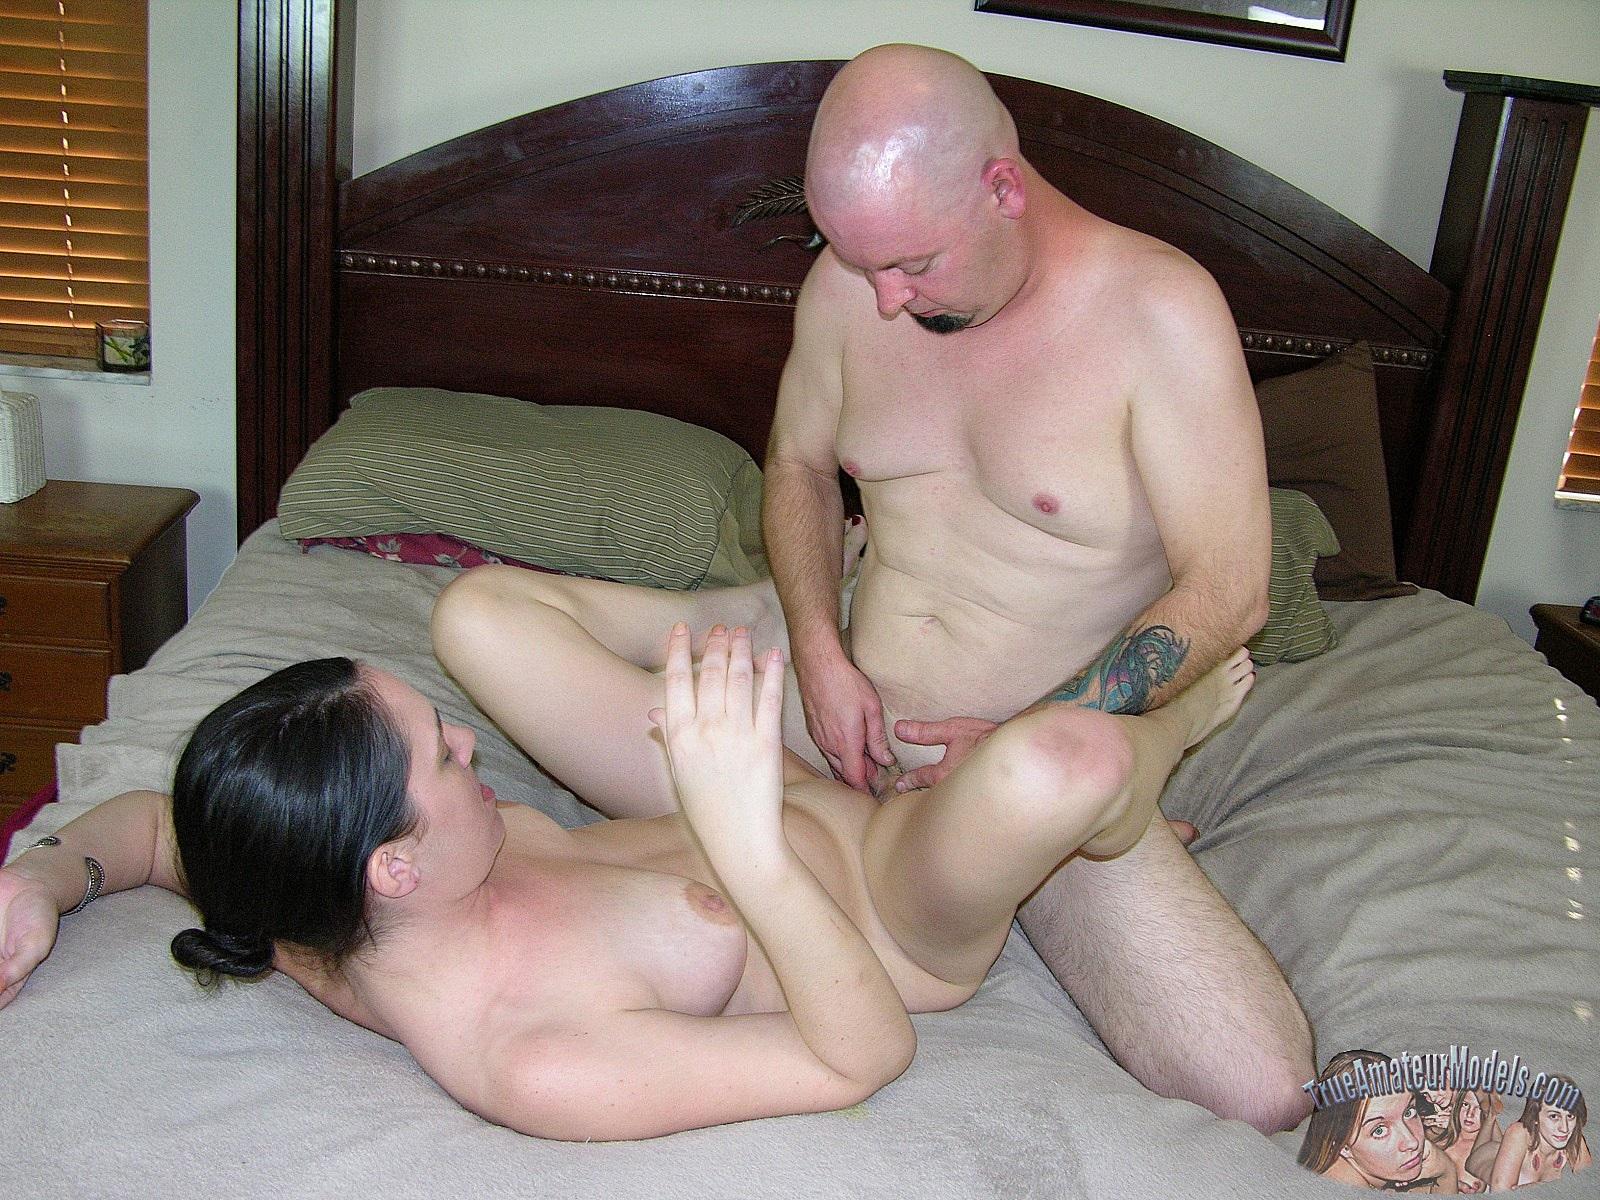 Big tits spank bang